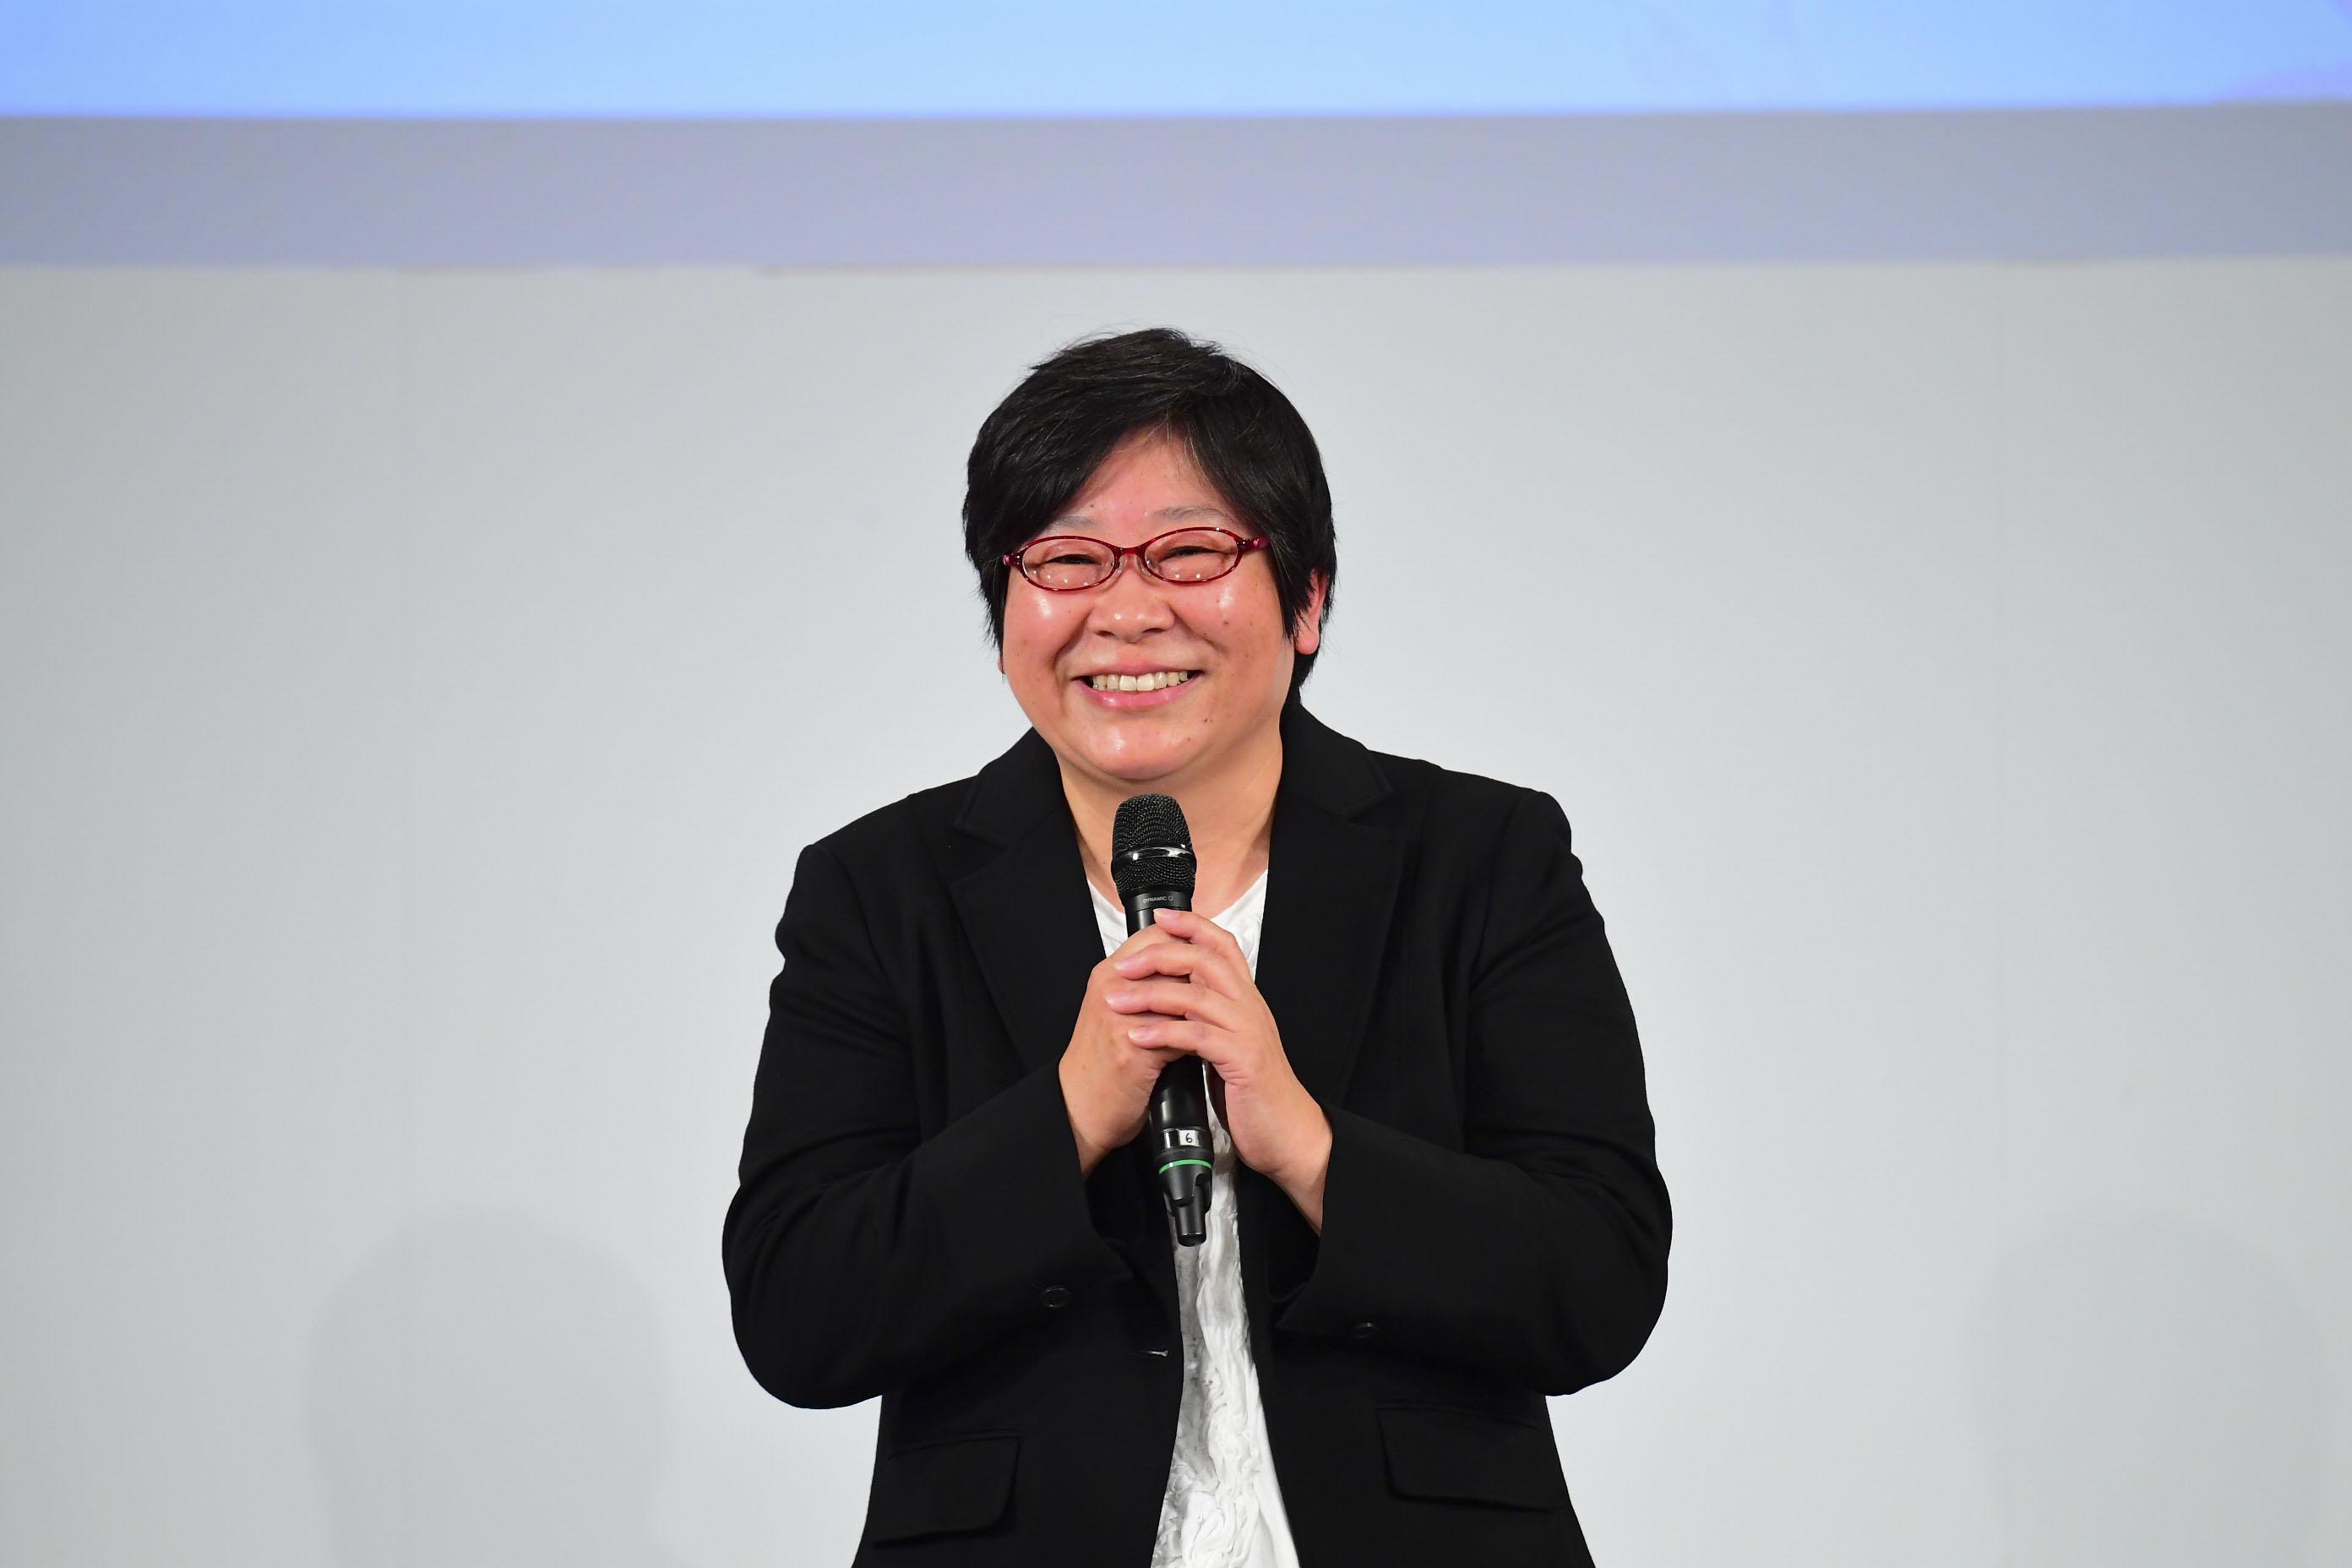 http://news.yoshimoto.co.jp/20170907022008-f0a622500f24585fba18ccbecf6b28c1a417bf94.jpg